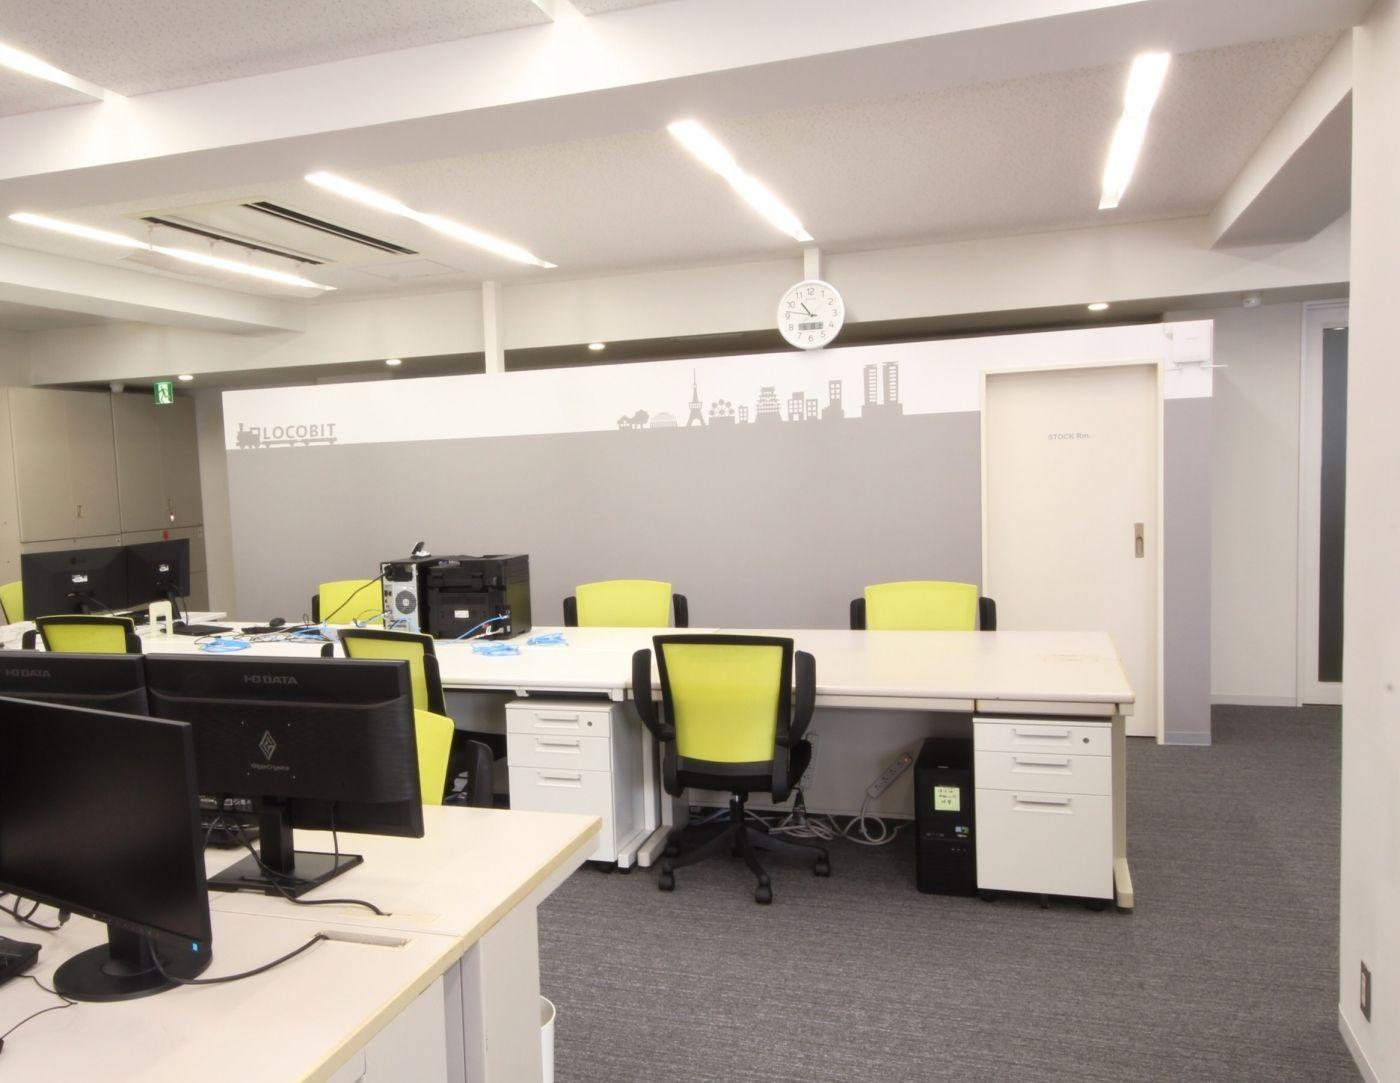 オフィスデザイン実績 クール De カワイイ 遊び心あふれるオフィス